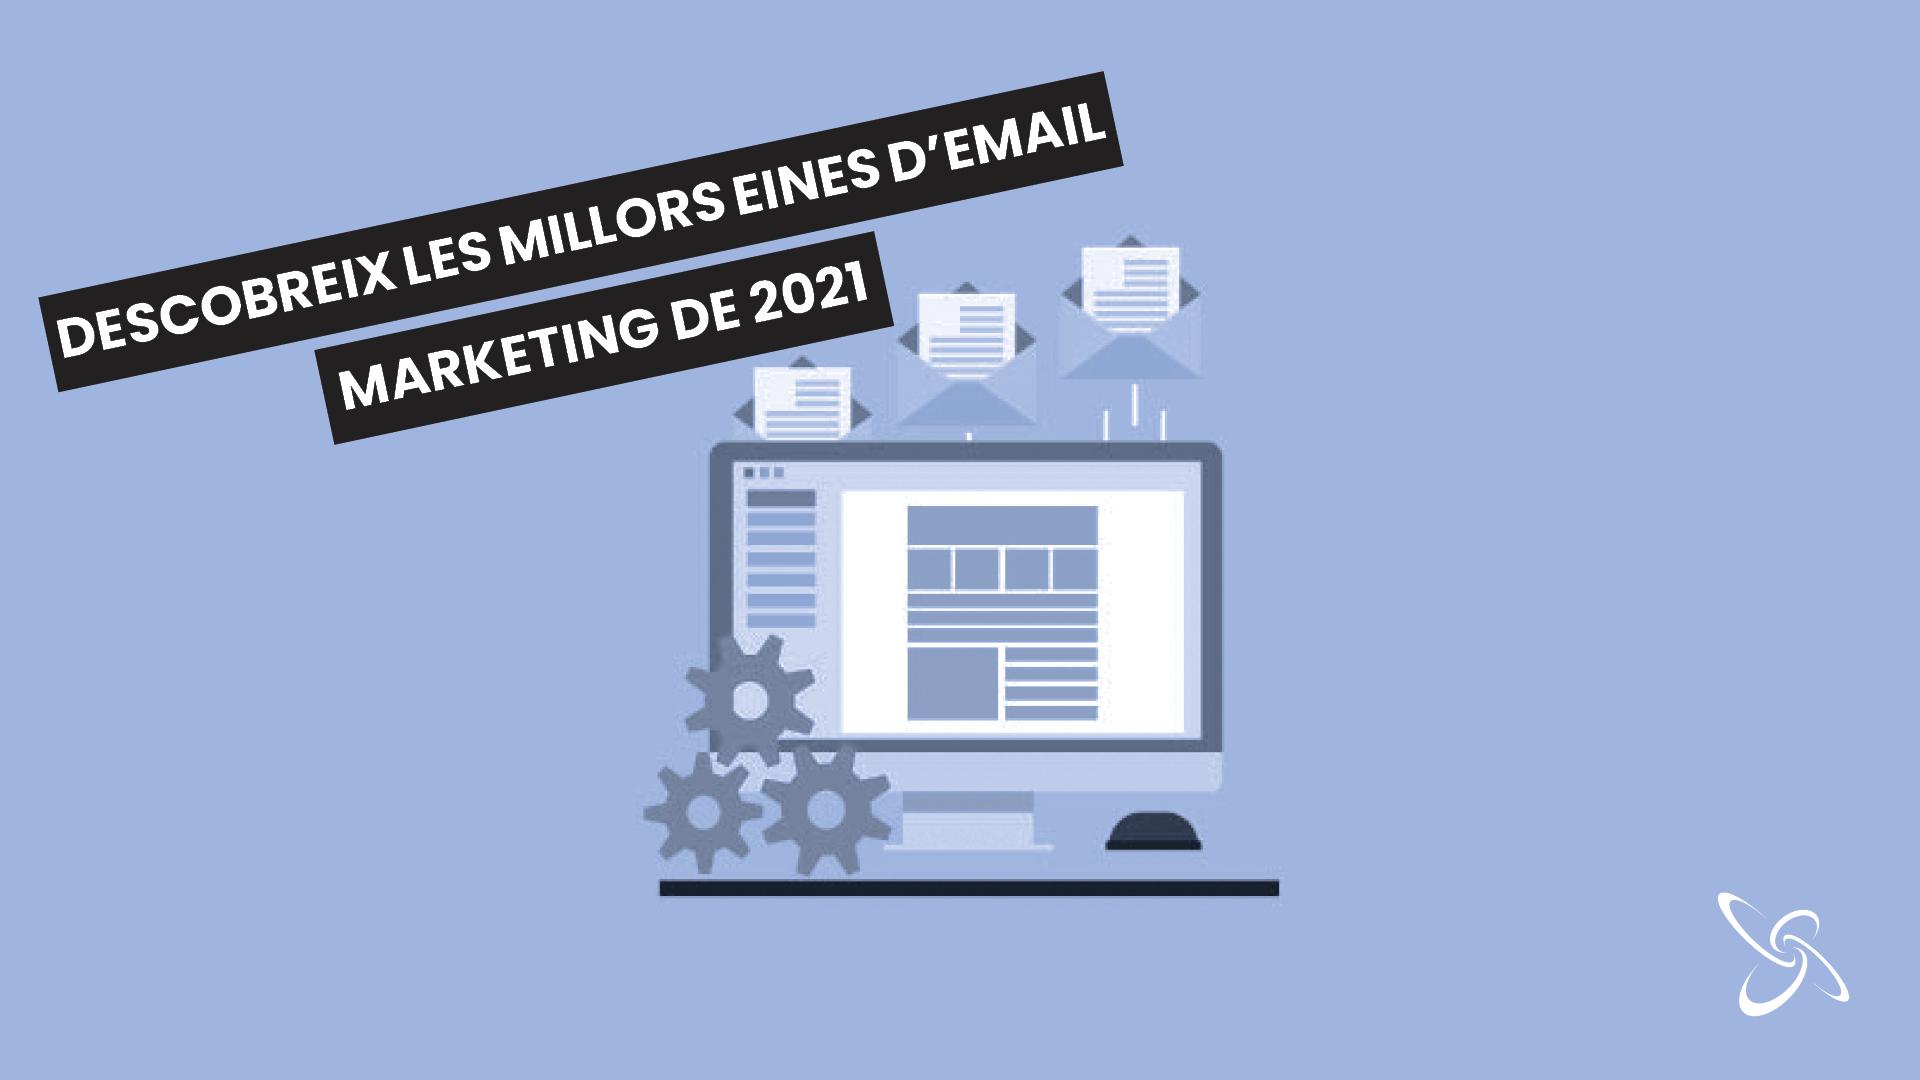 Descobreix les millors eines d'email marketing de 2021